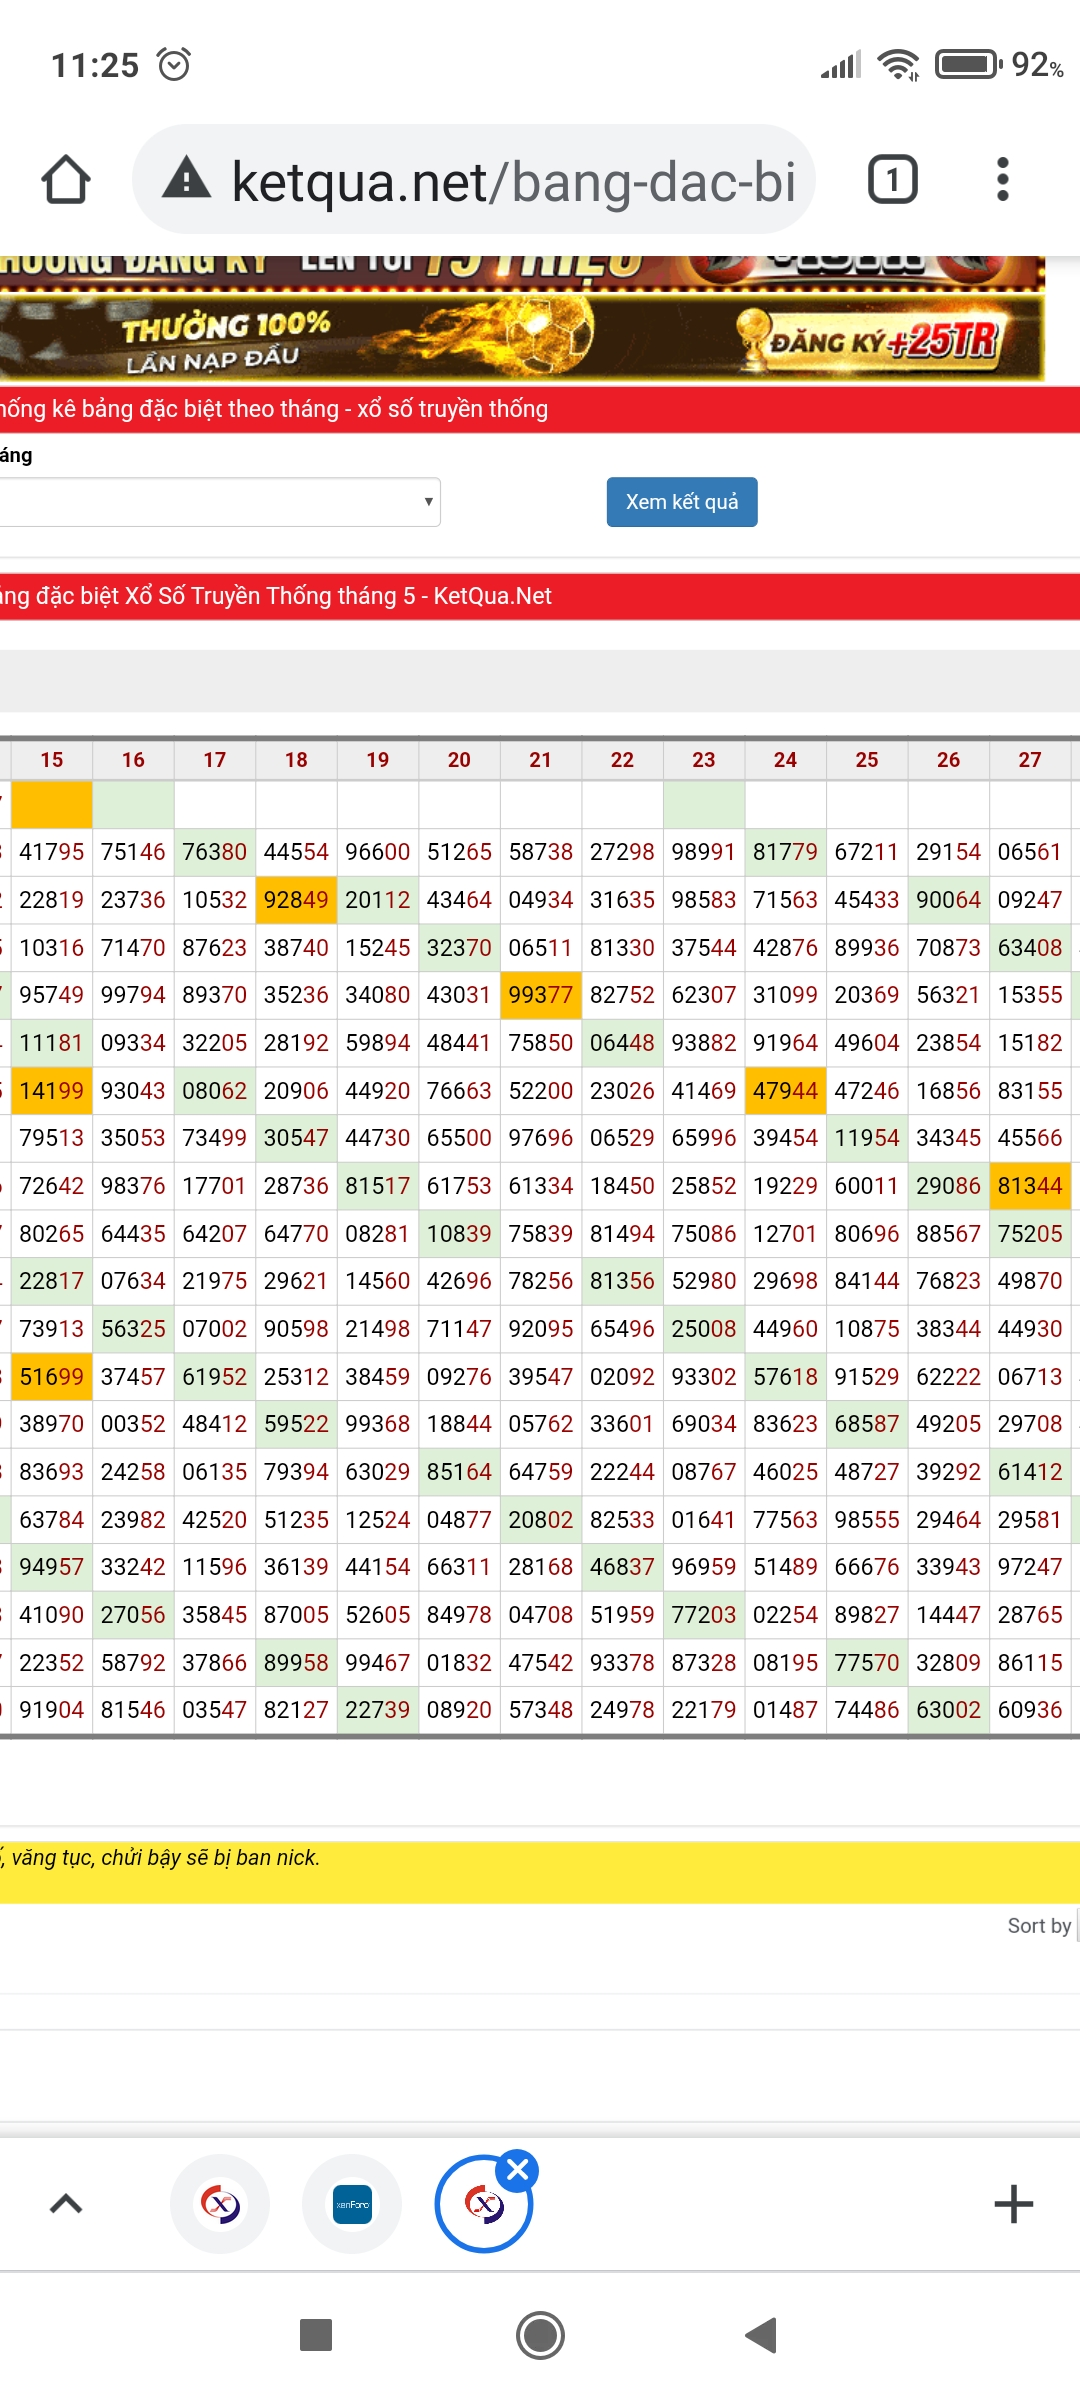 Screenshot_2021-05-15-11-25-25-470_com.android.chrome.jpg